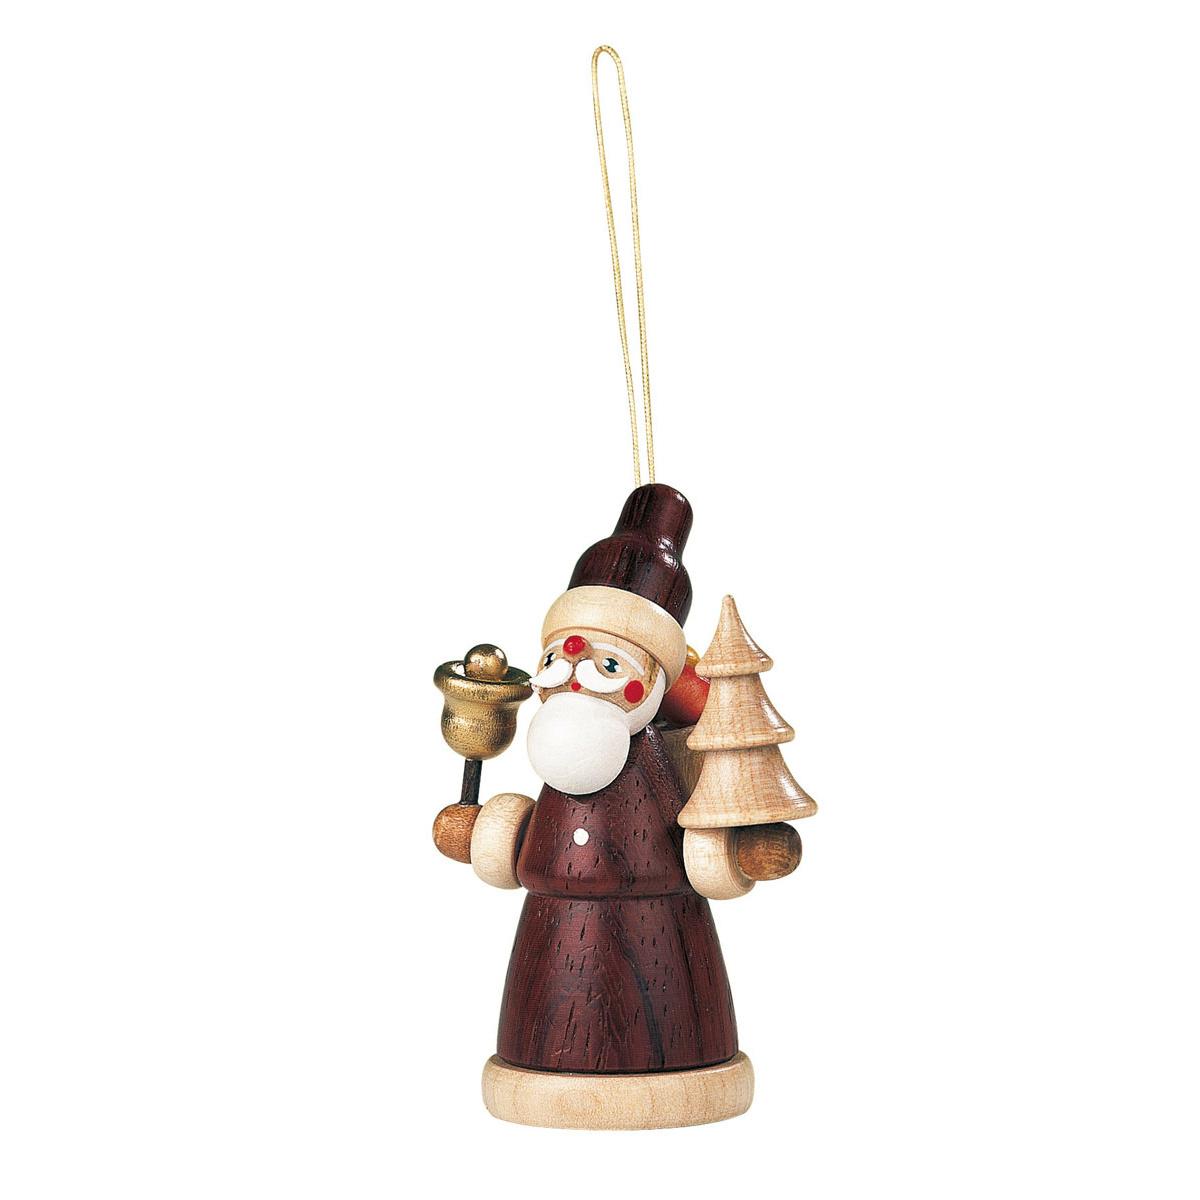 Baumbehang weihnachtsmann natur von m ller kleinkunst f r 27 kaufen - Weihnachtsdeko figuren ...